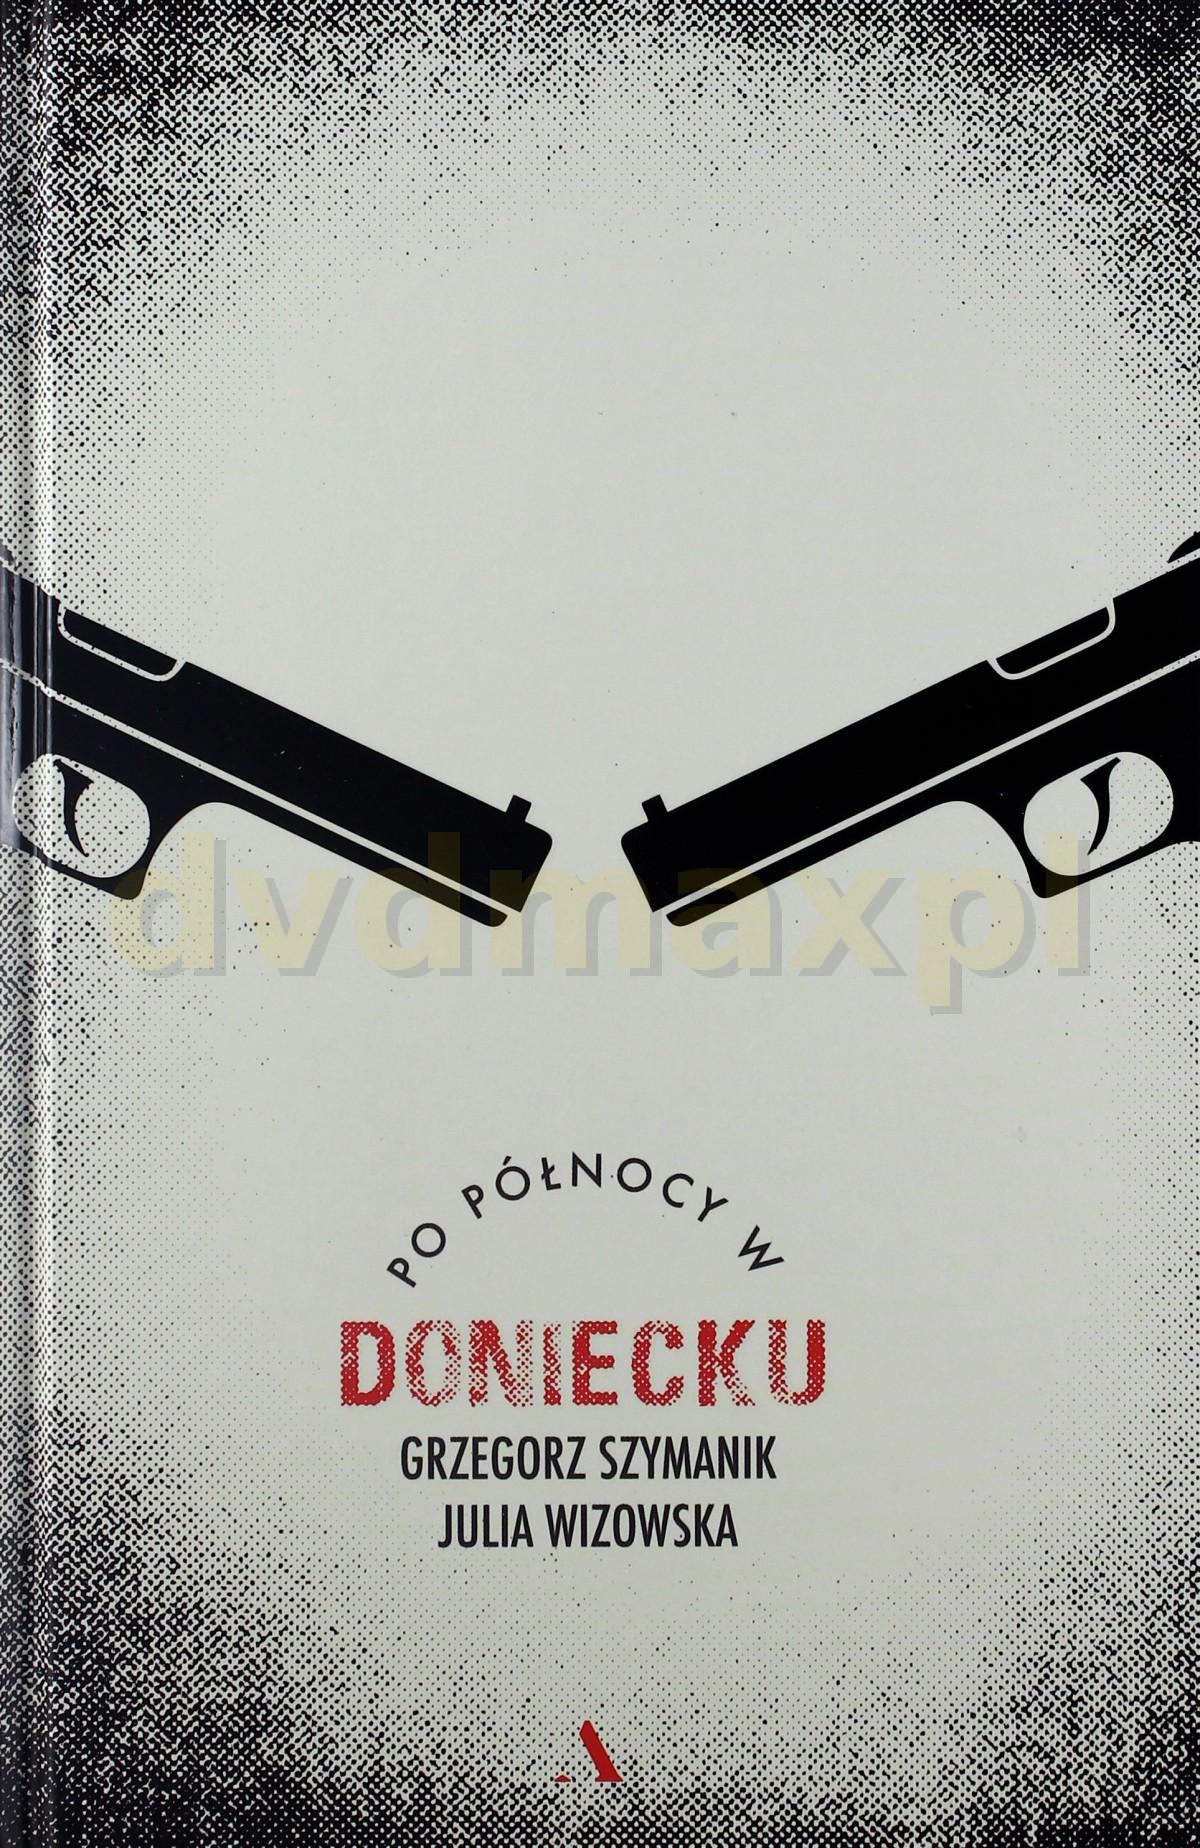 Po północy w Doniecku - Grzegorz Szymanik [KSIĄŻKA] - Grzegorz Szymanik